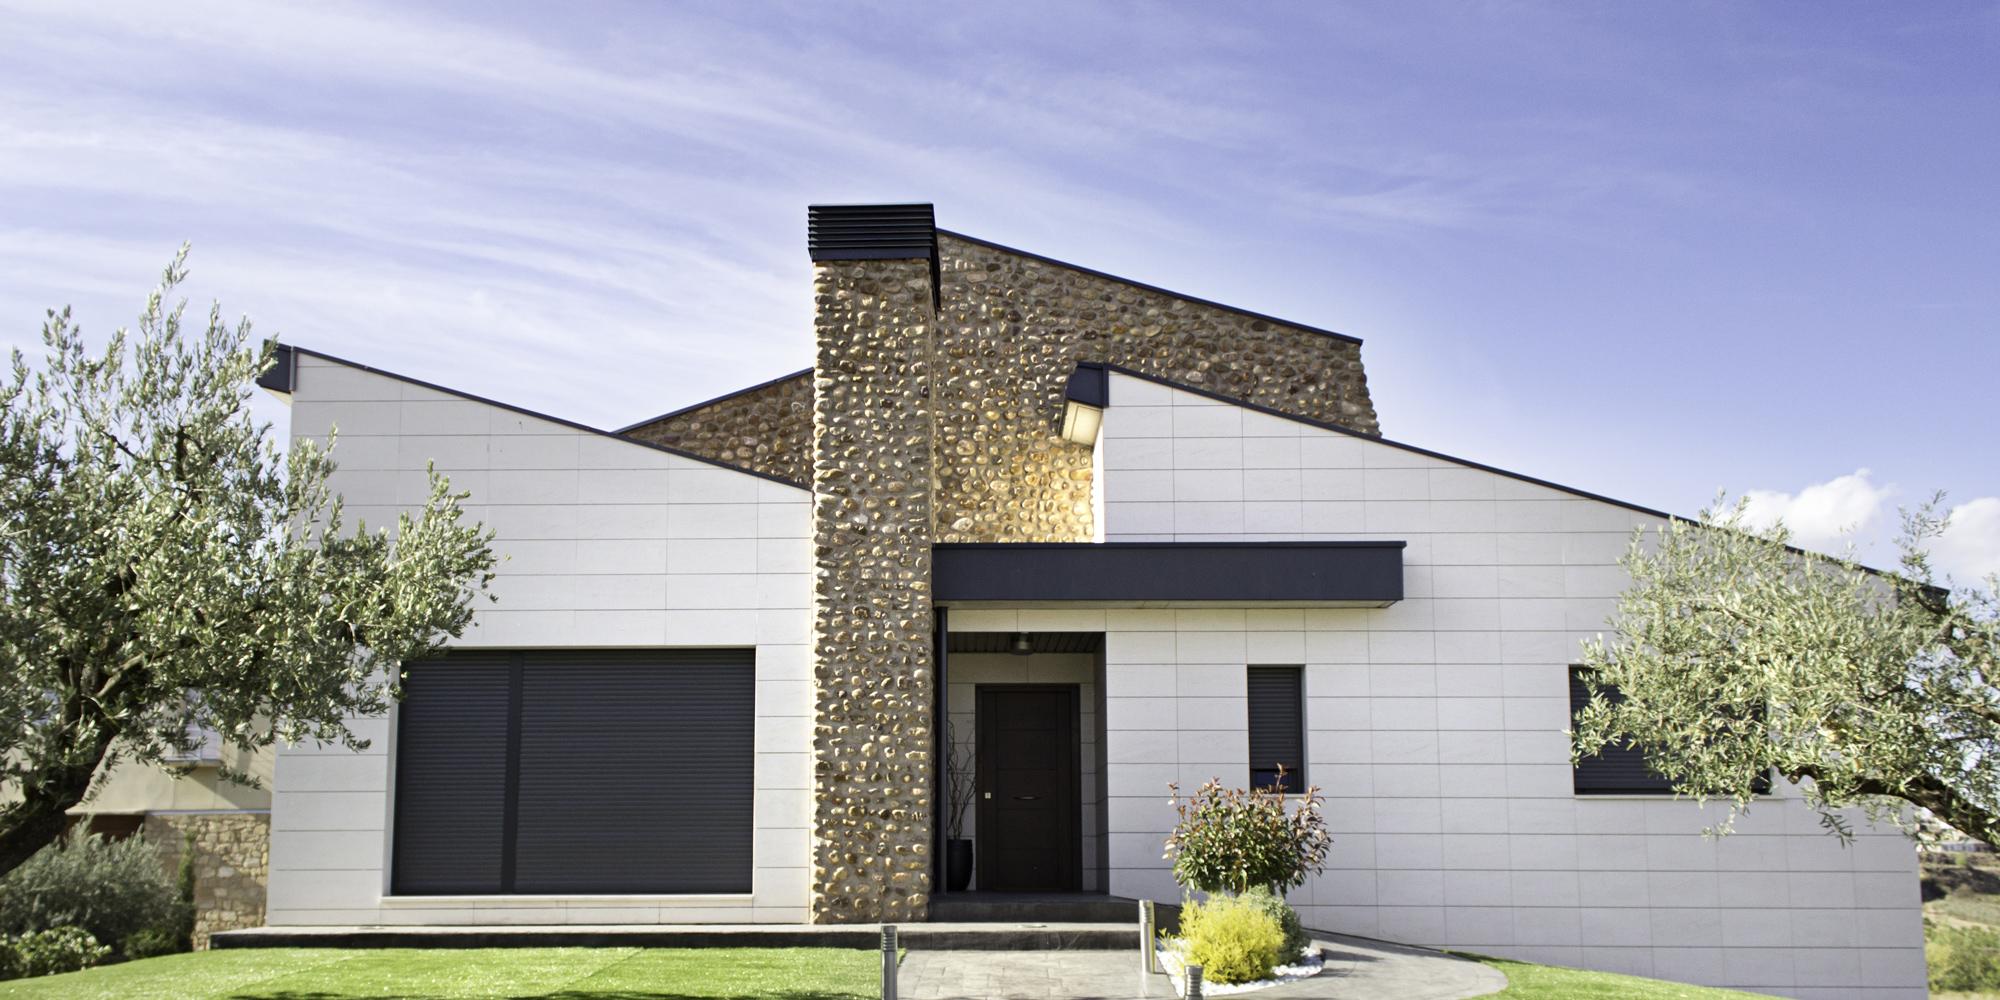 R servoir immo agence immobili re achat et vente for Atypiquement votre immobilier